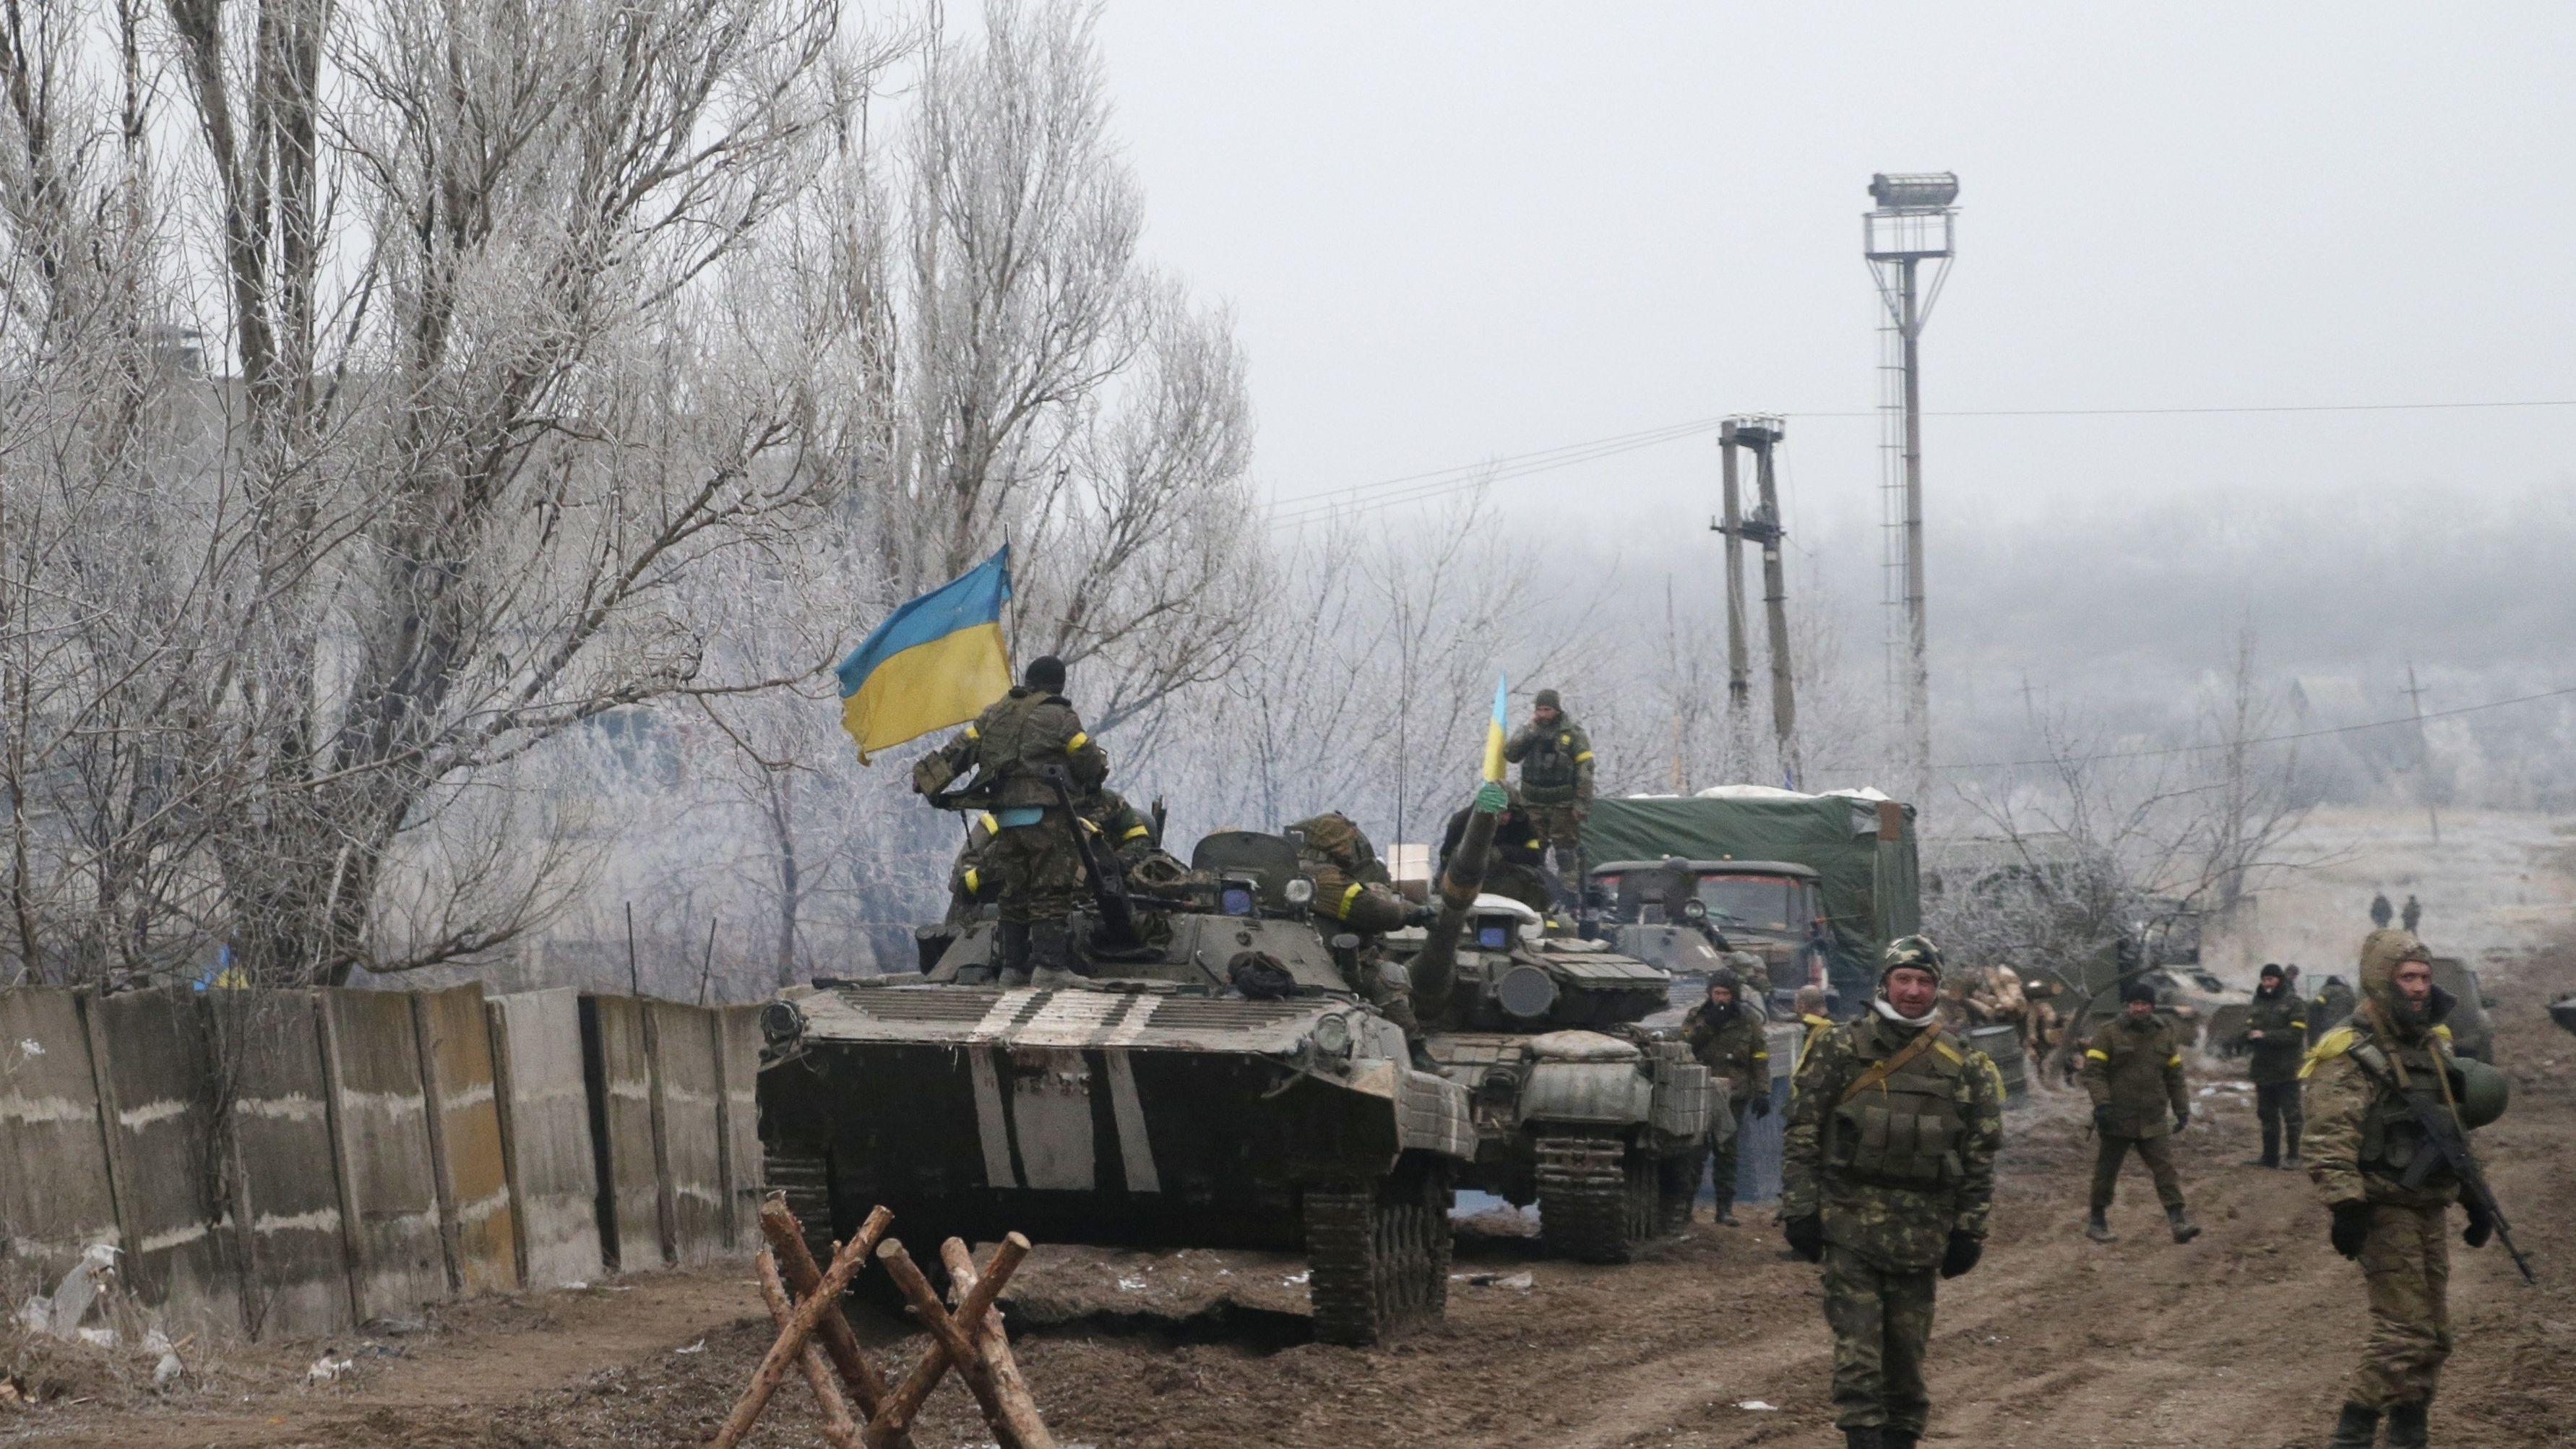 Archivbild: Ukrainische Panzer im Donbass